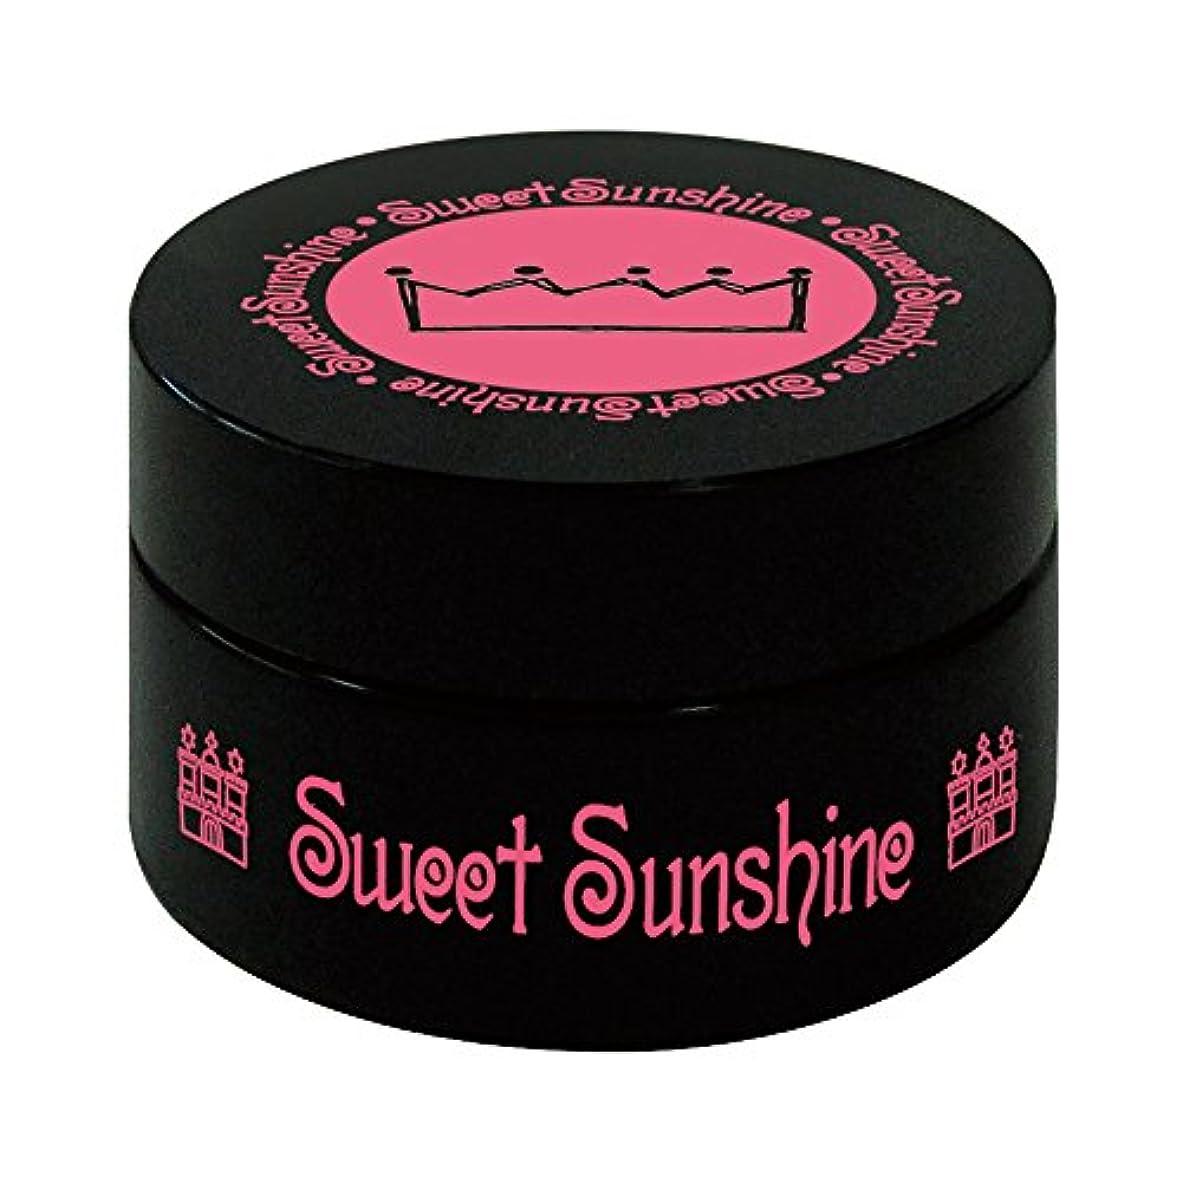 発掘とても多くのサンドイッチ最速硬化LED対応 Sweet Sunshine スィート サンシャイン カラージェル NS-1 4g リバーサイド